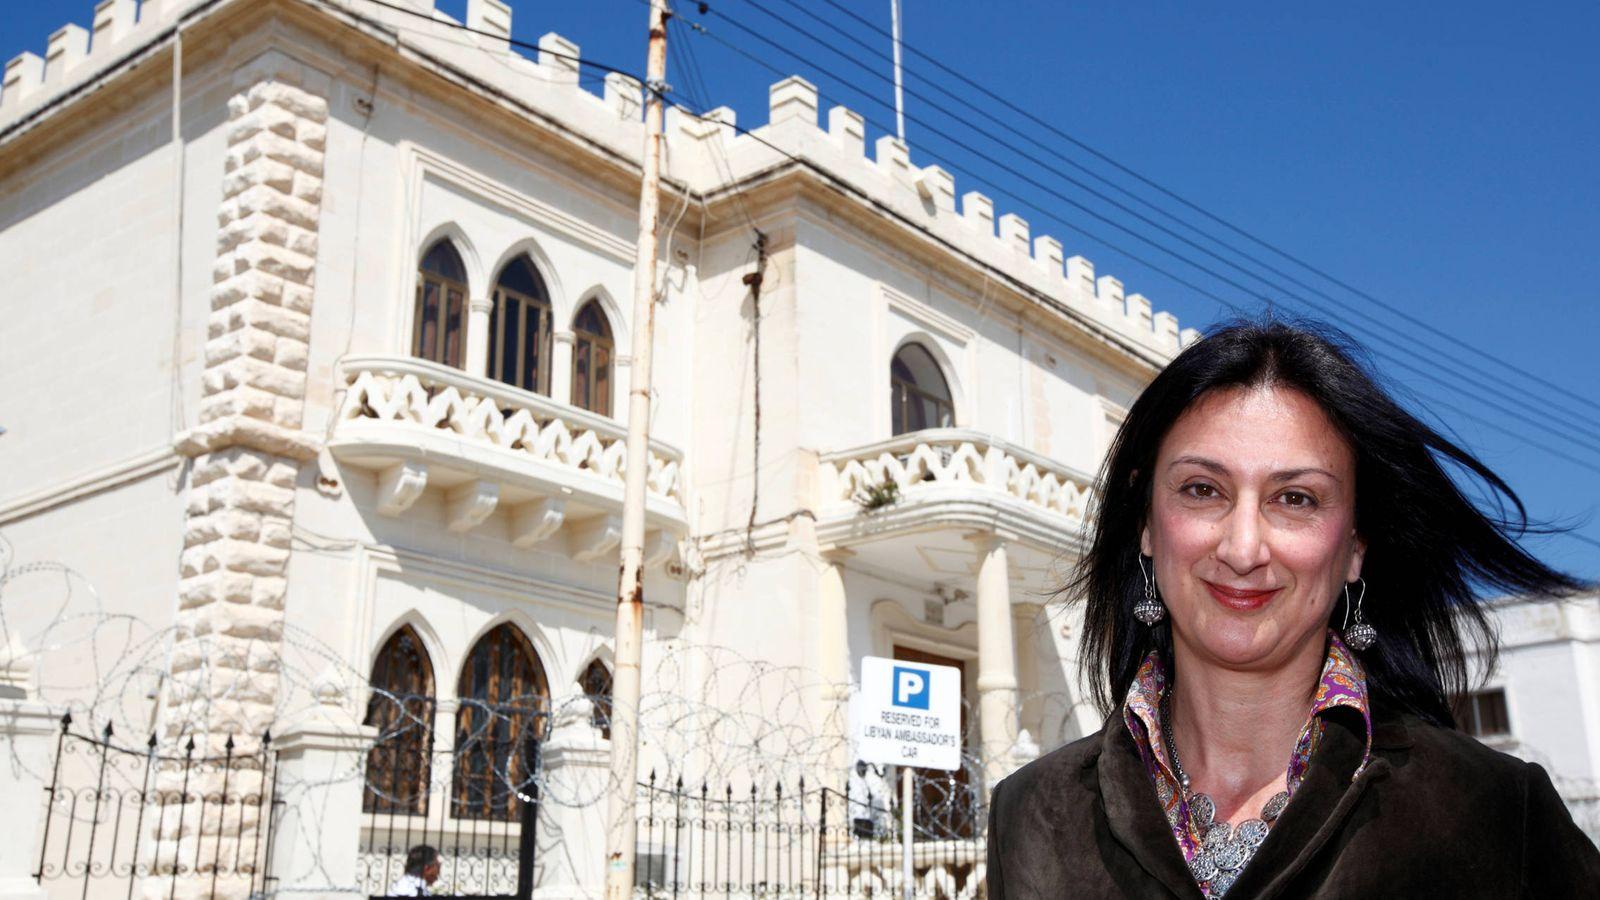 Foto: La periodista Daphne Caruana Galizia, asesinada en Malta este mes de octubre, en Valletta. (Reuters)